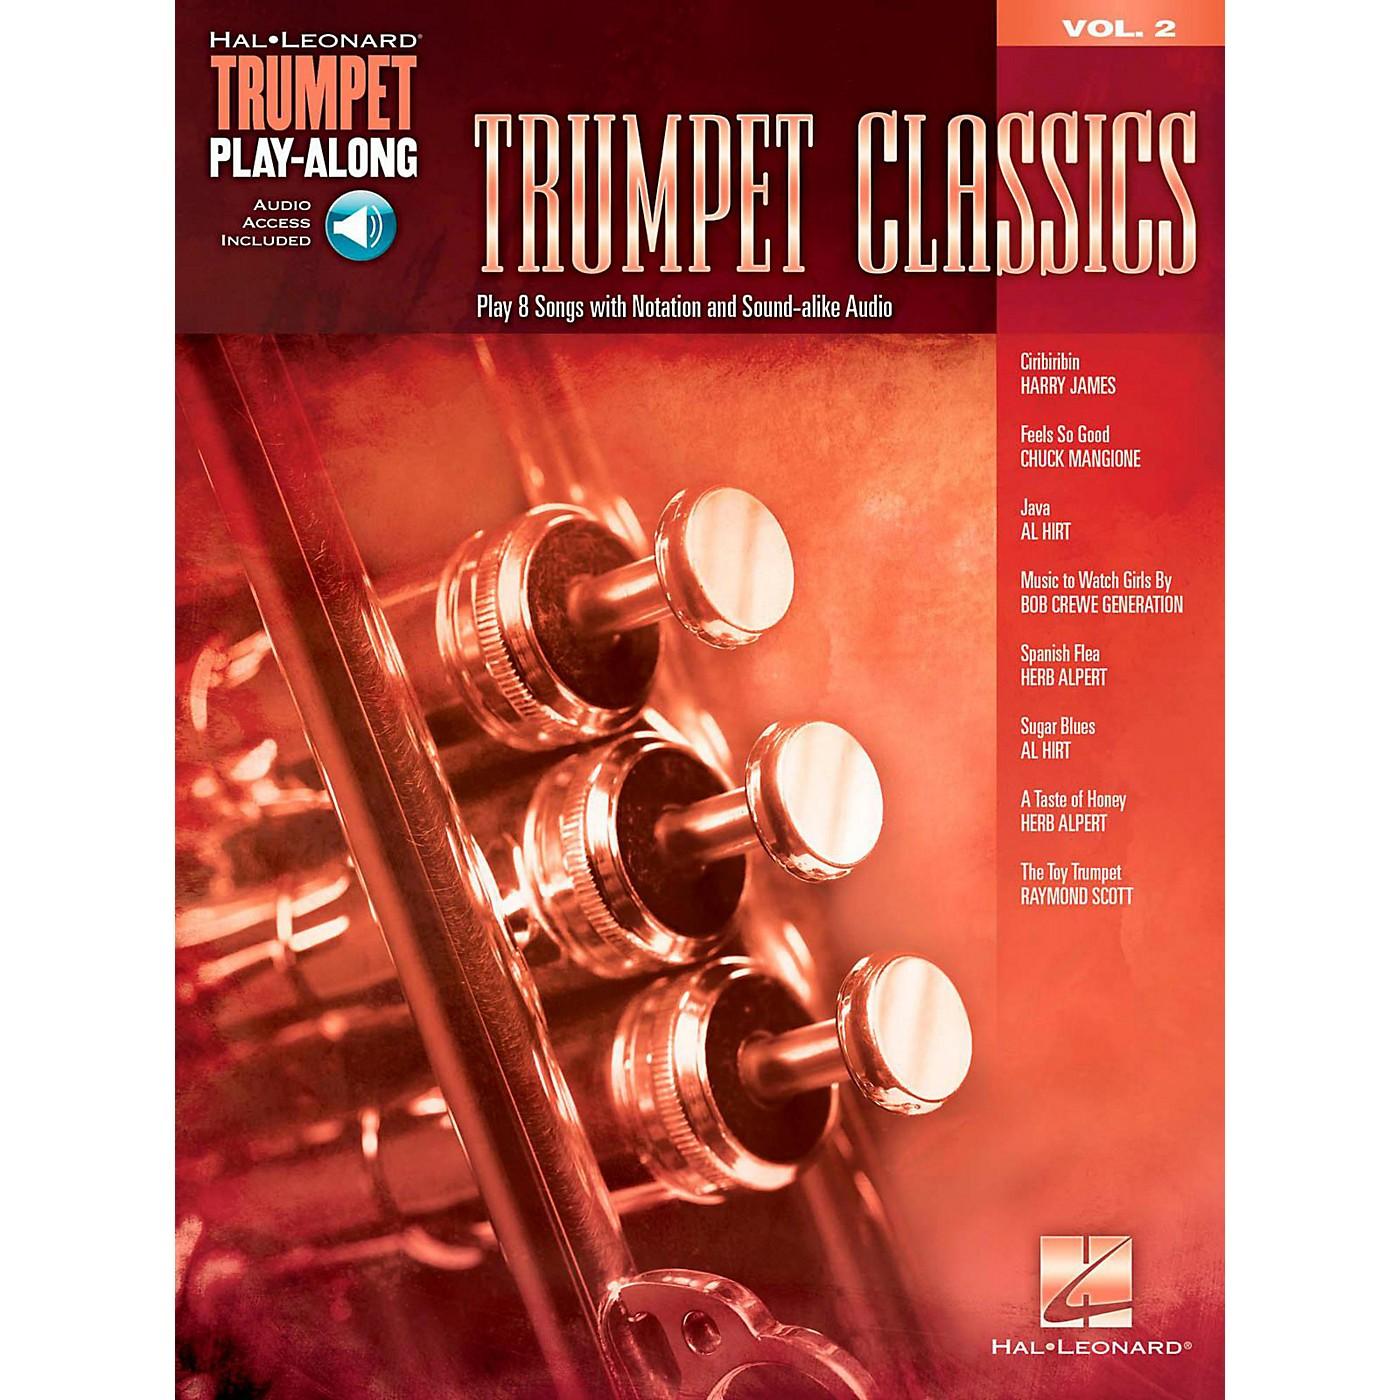 Hal Leonard Trumpet Classics - Trumpet Play-Along Vol. 2 (Book/Audio) thumbnail